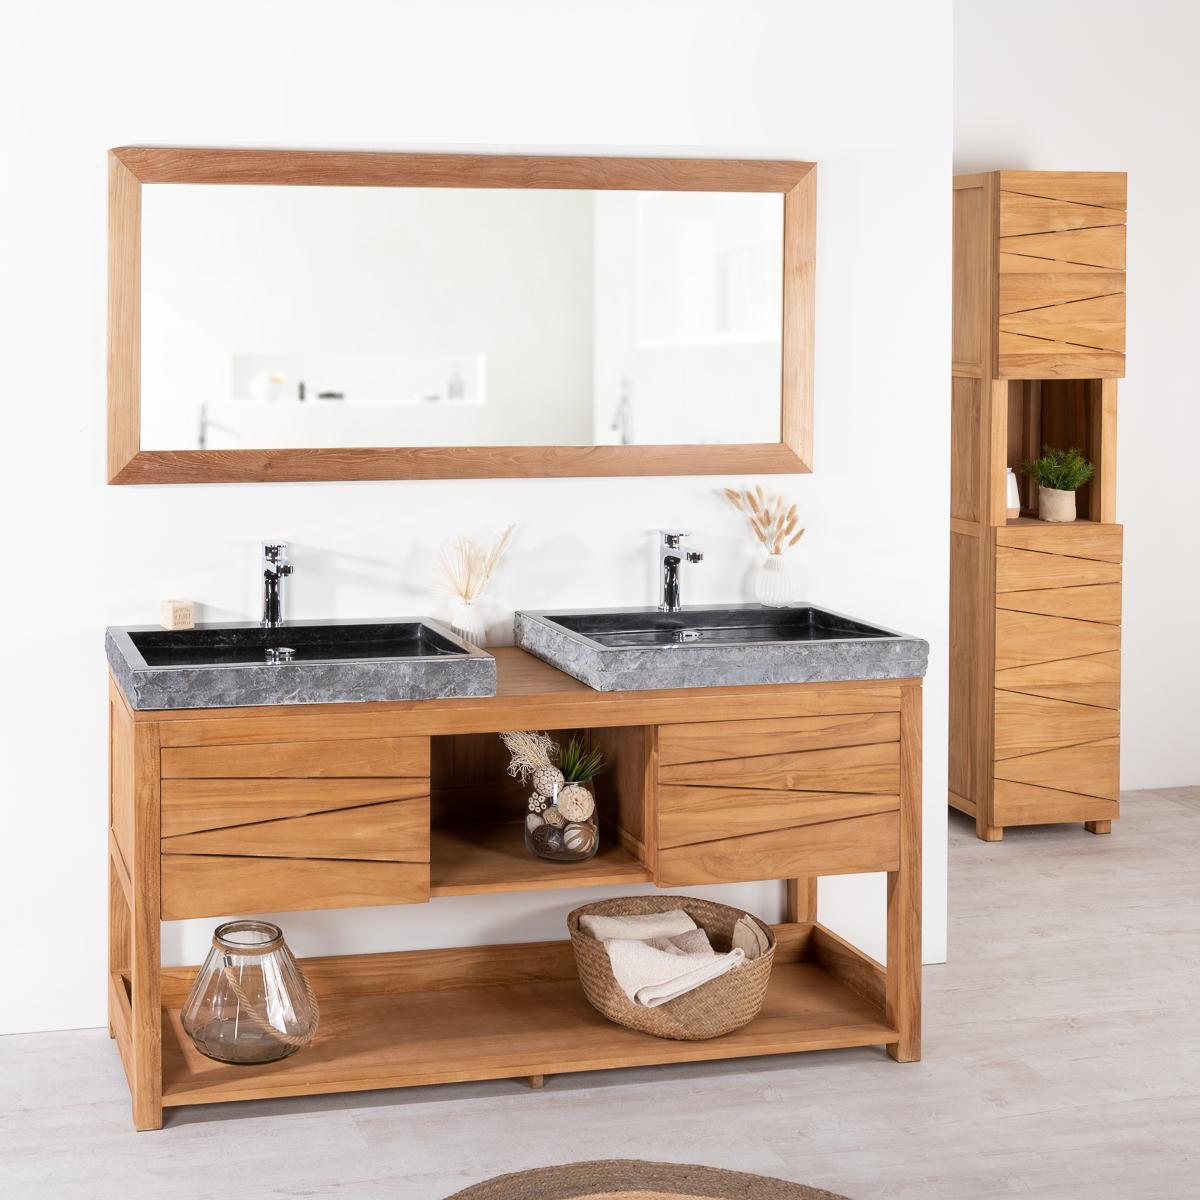 Mueble para lavabo de madera teca 2 lavabos de m rmol for Mueble de bano doble lavabo de madera